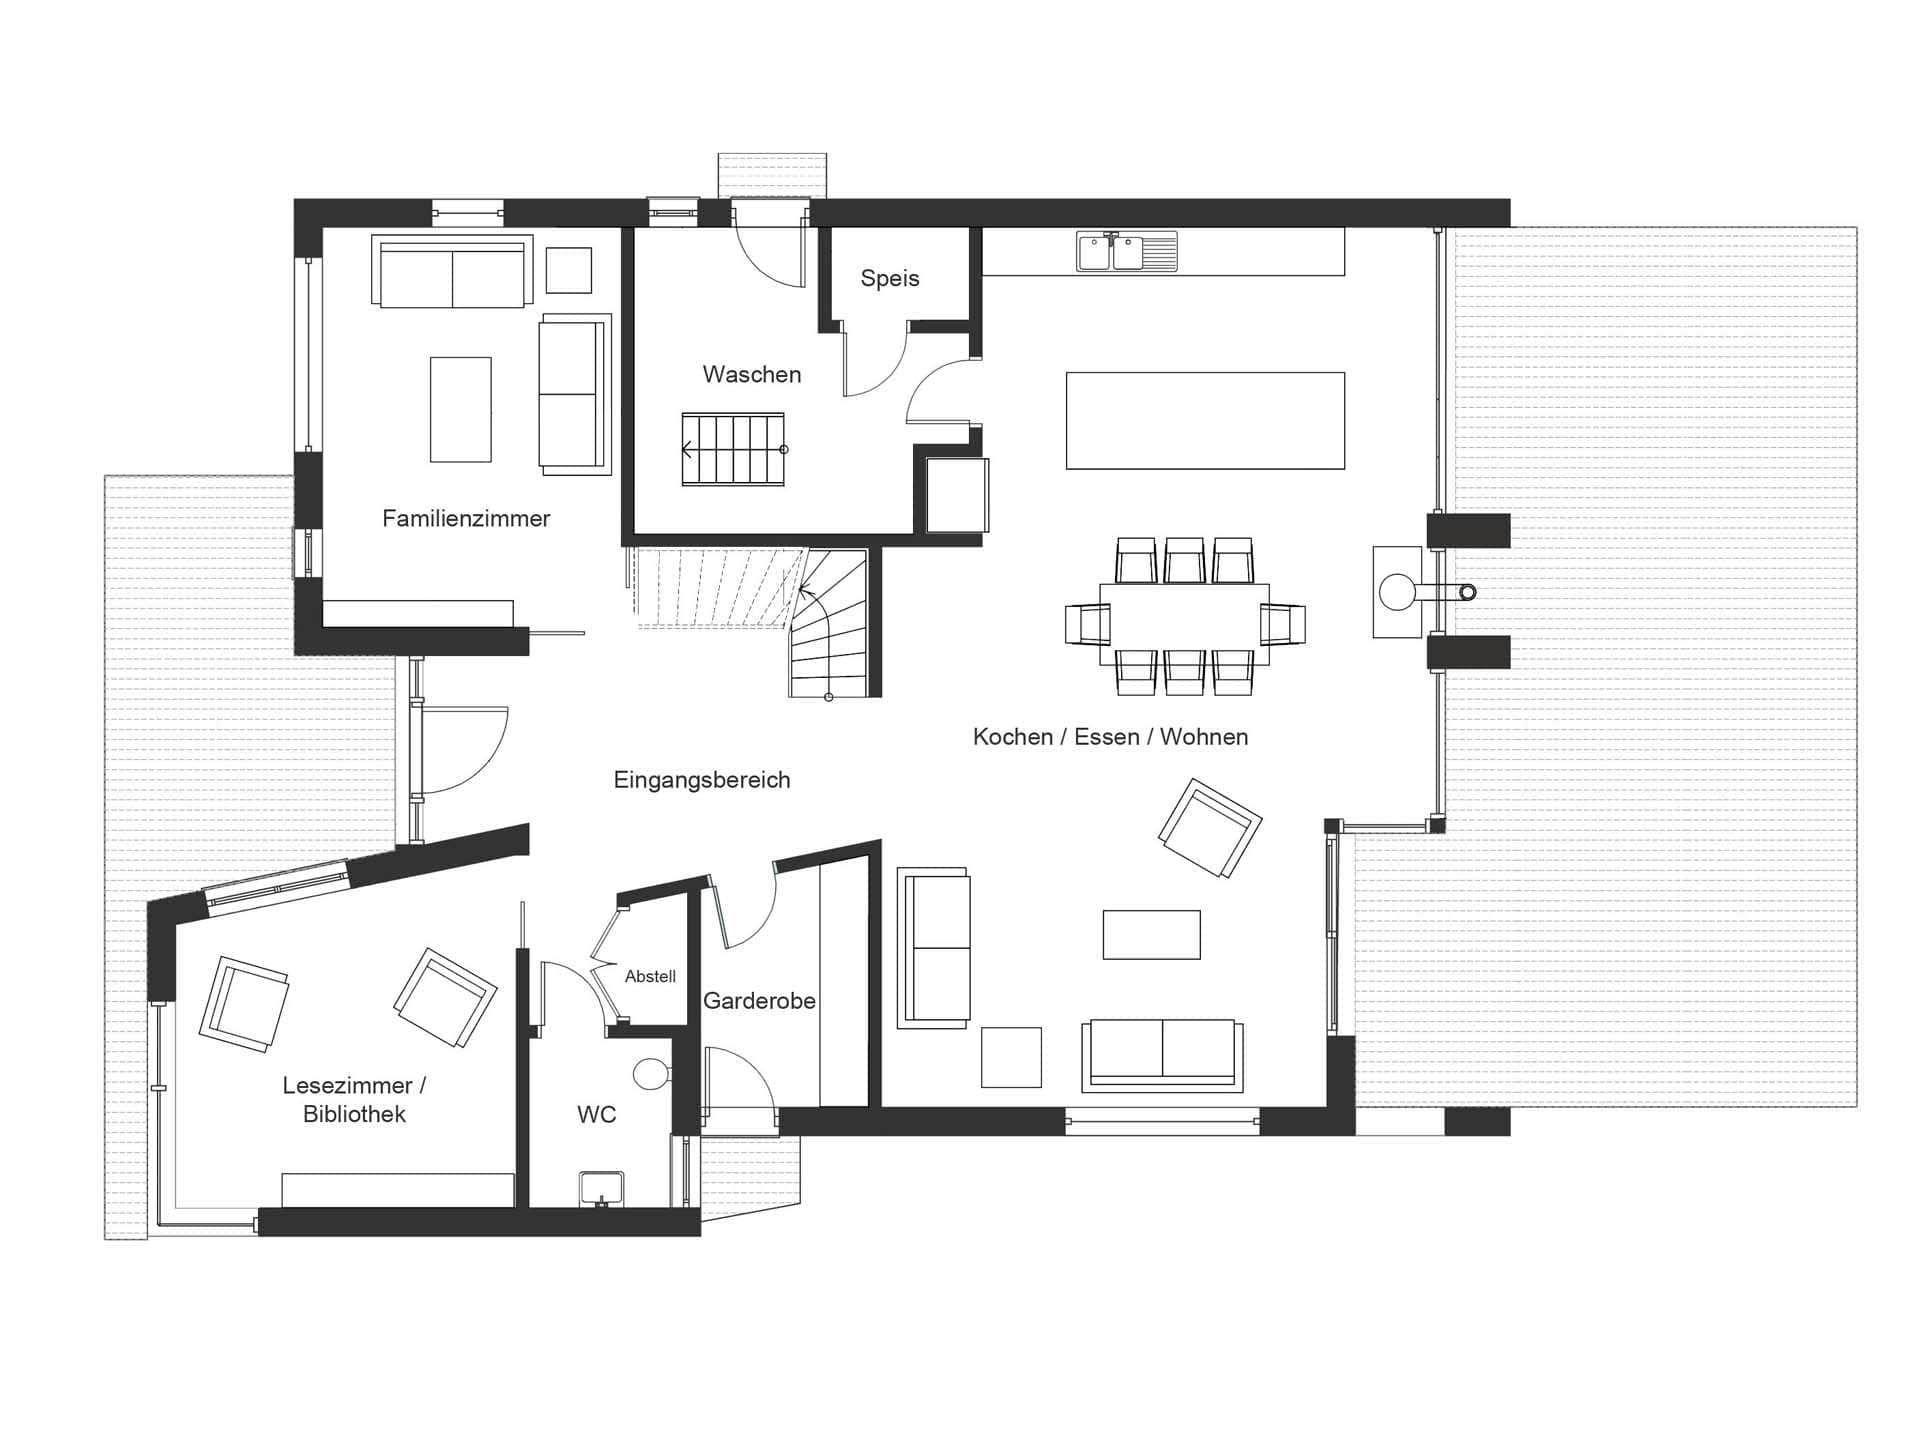 Bauhaus jackson grundriss eg von baufritz haus pl ne for Bauhaus einfamilienhaus grundriss